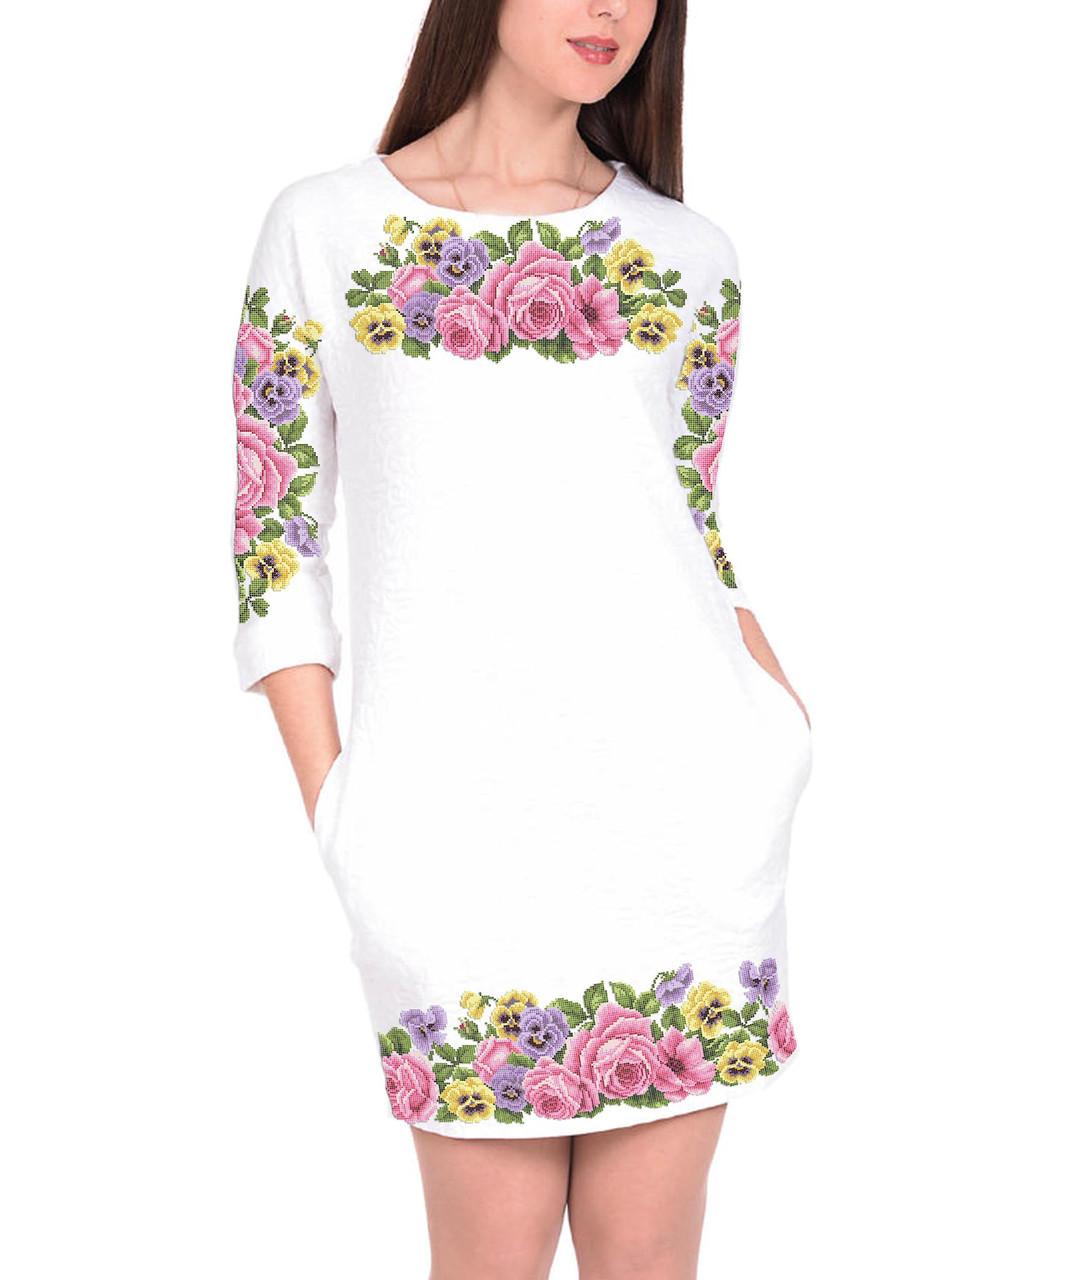 Заготовка женского платья для вышивки / вышивания бисером / ниткой «Квіткова симфонія»